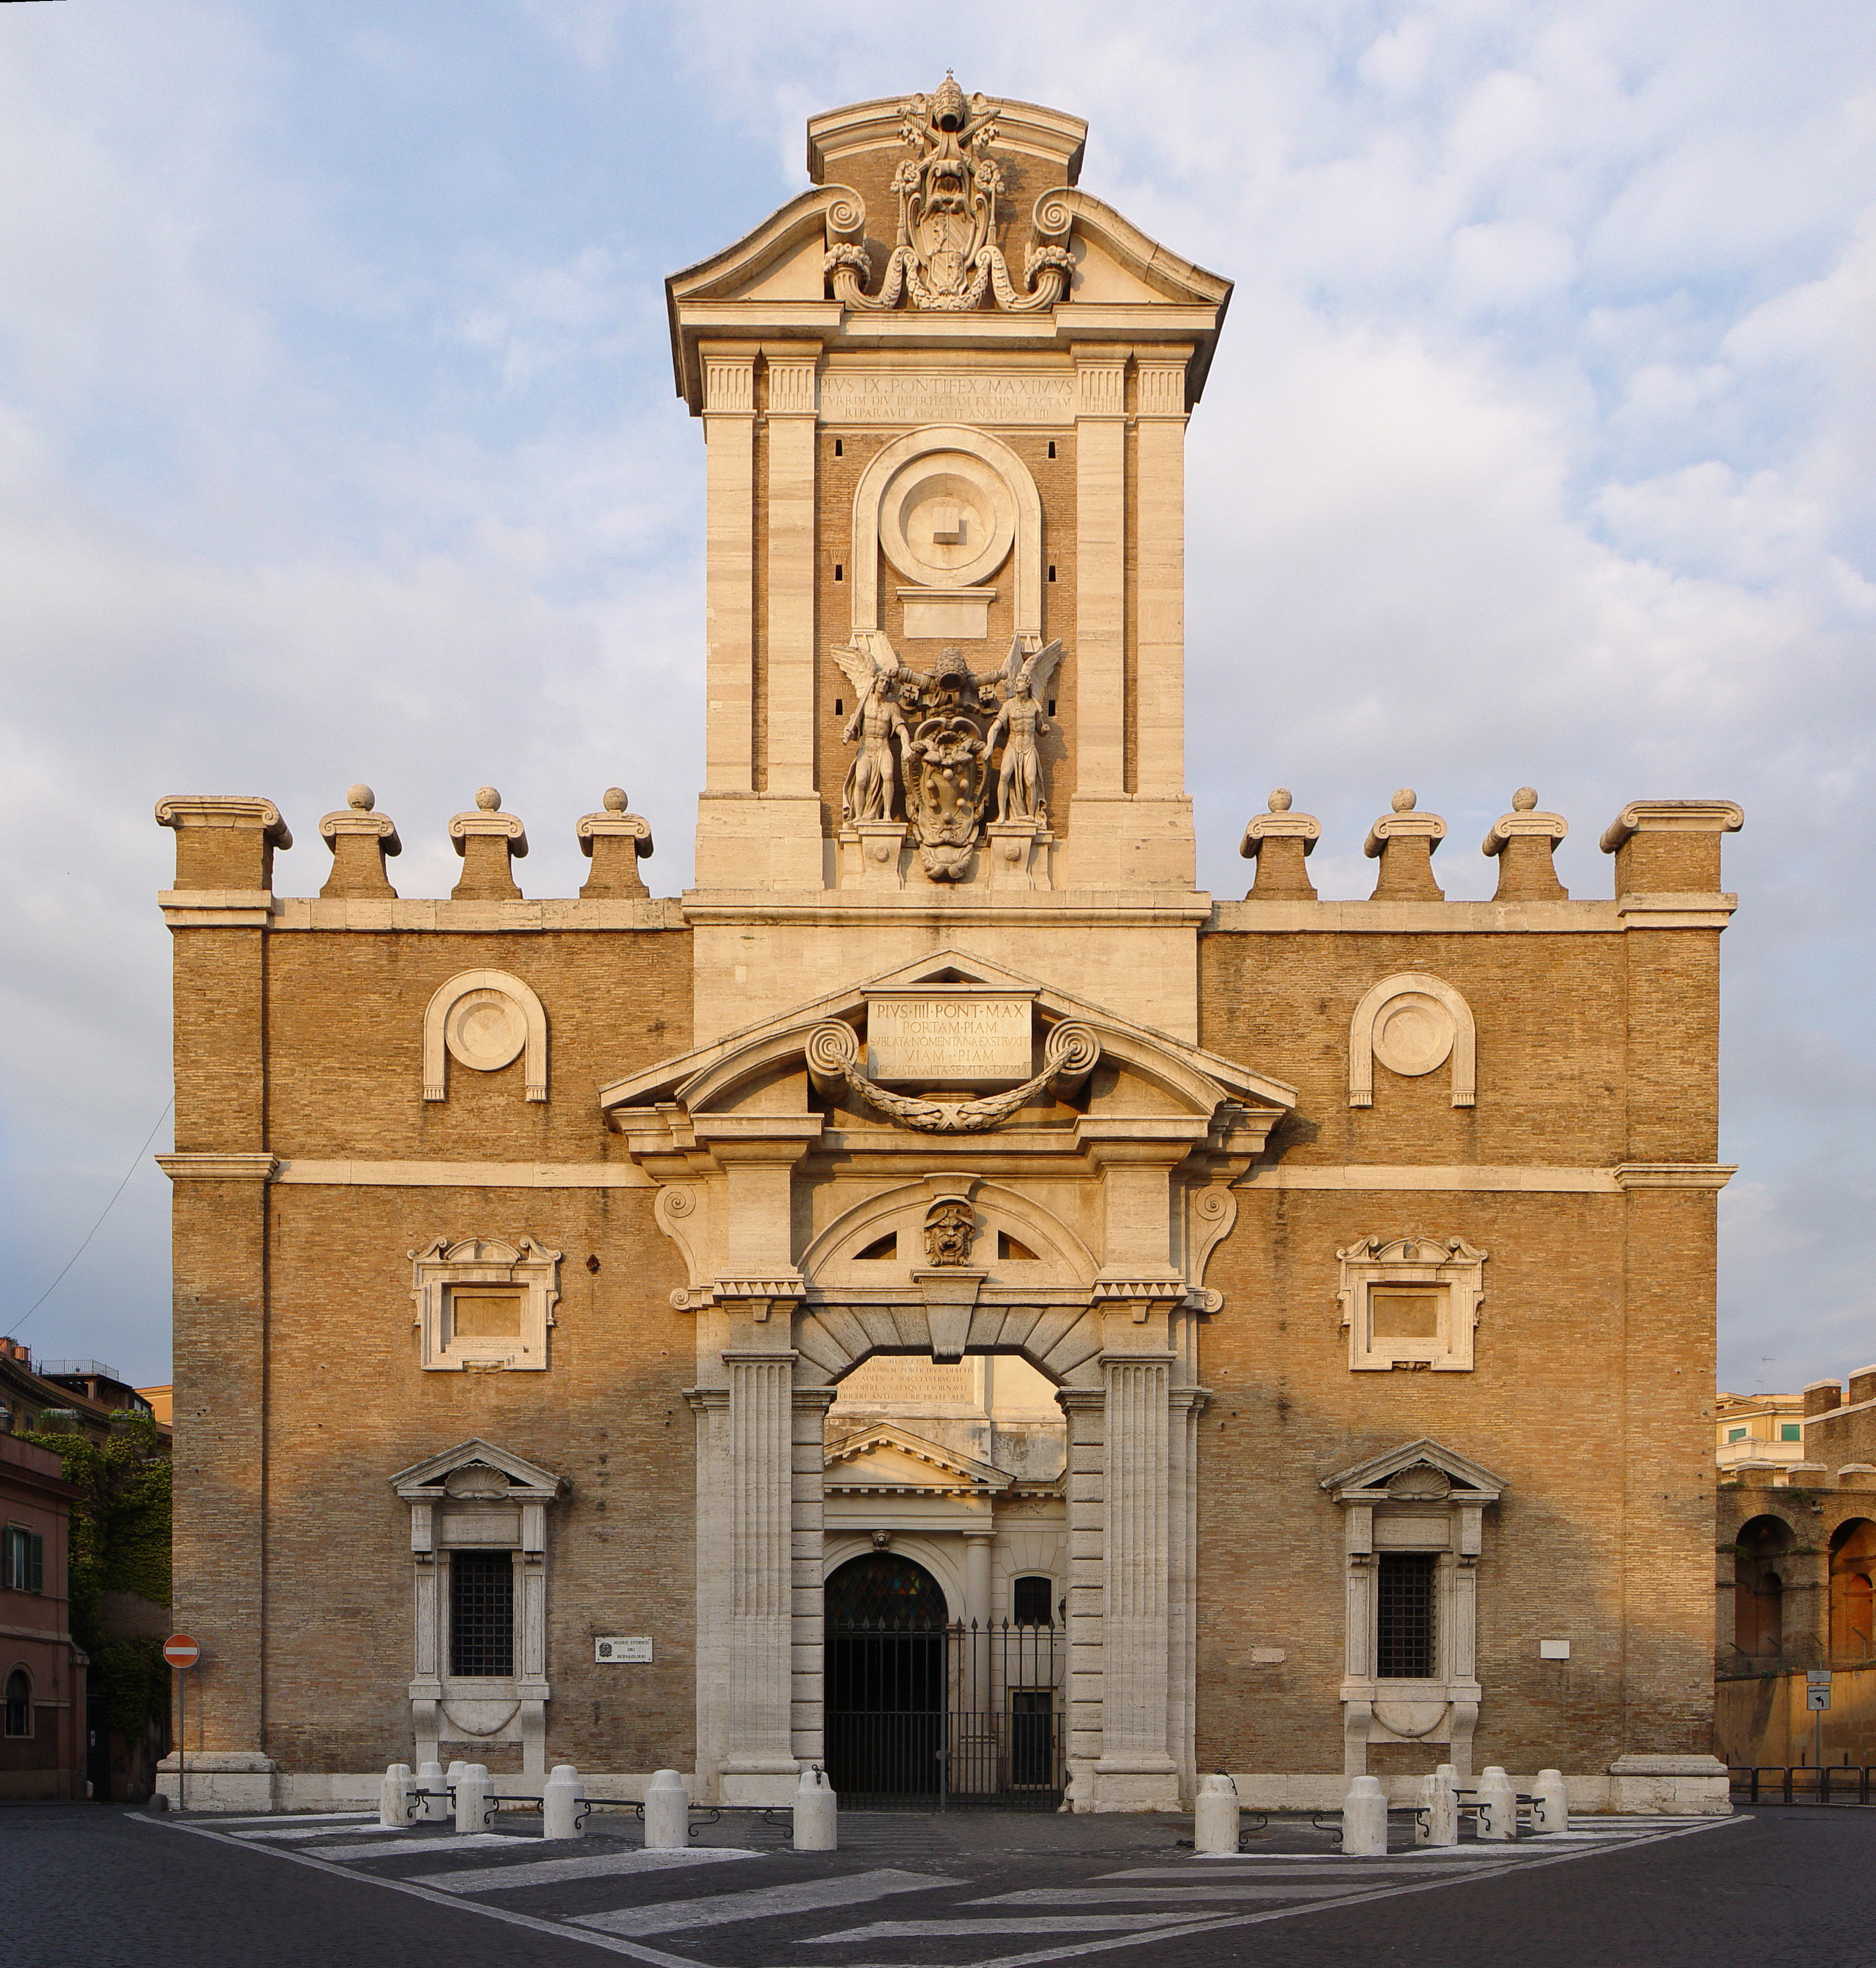 Mura e porte di roma - Porta portese offerte lavoro roma ...